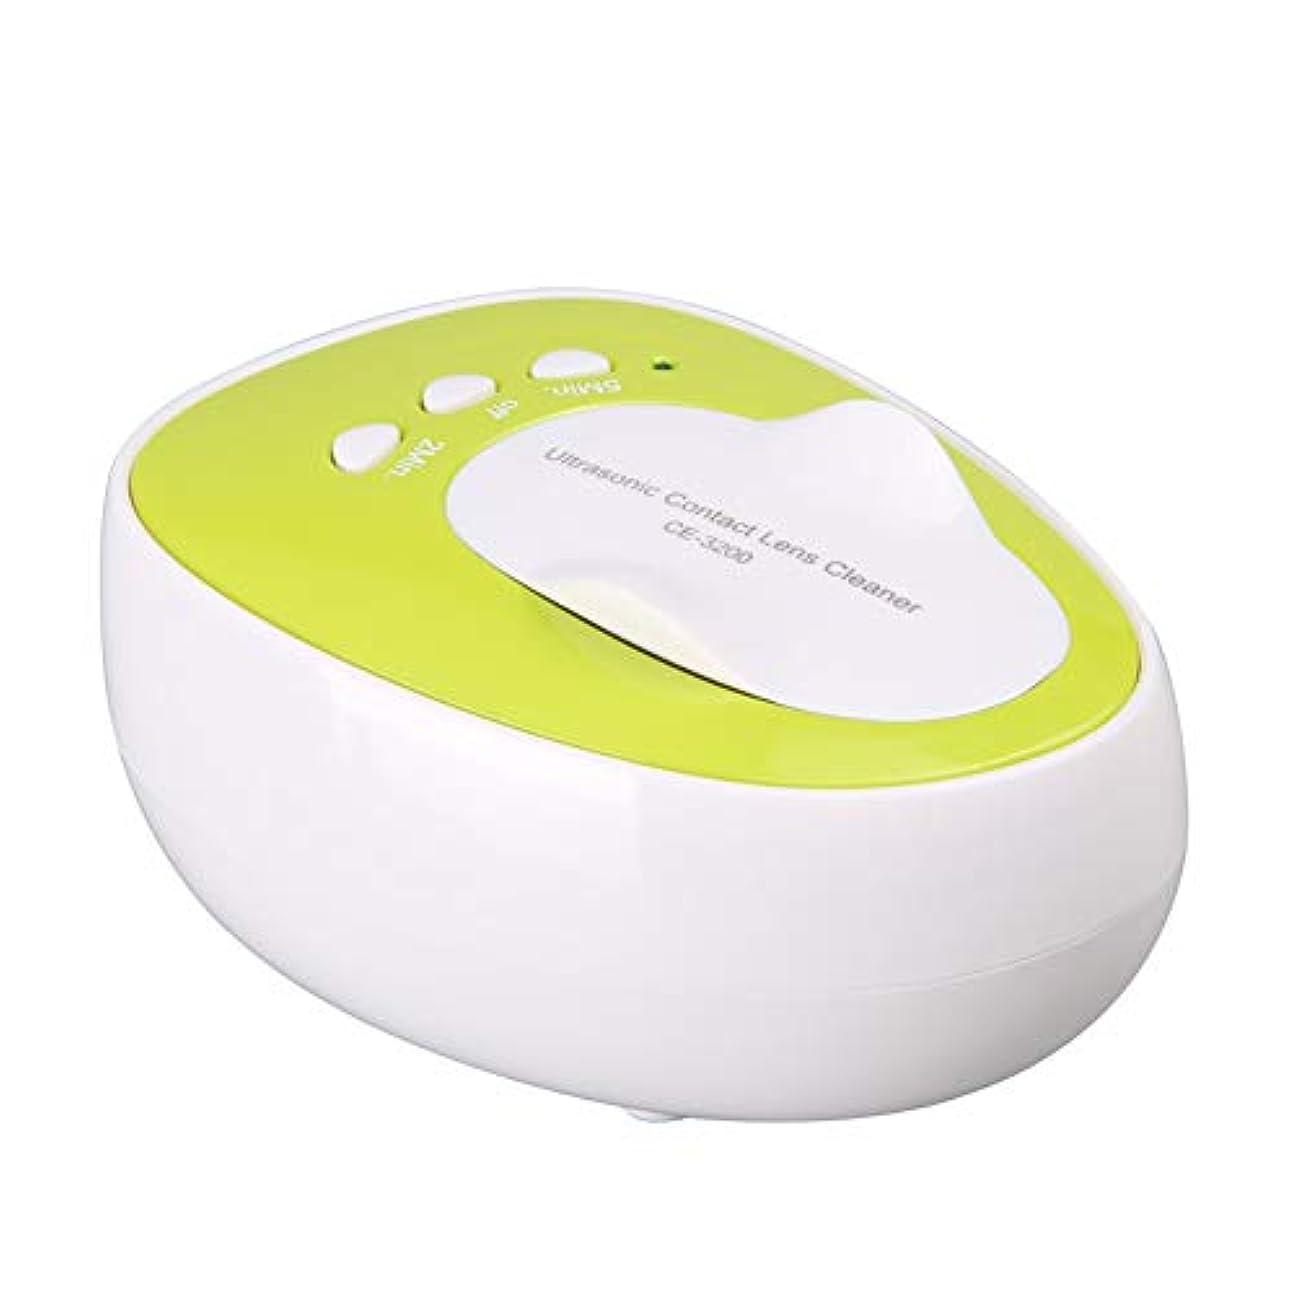 グローブヶ月目アンペアコンタクトレンズ 超音波洗浄器 ミニ超音波クリーナー コンパクト 旅行 携帯式 FidgetFidget コンタクトレンズ用ミニオートマチック超音波クリーナー イギリスの規制